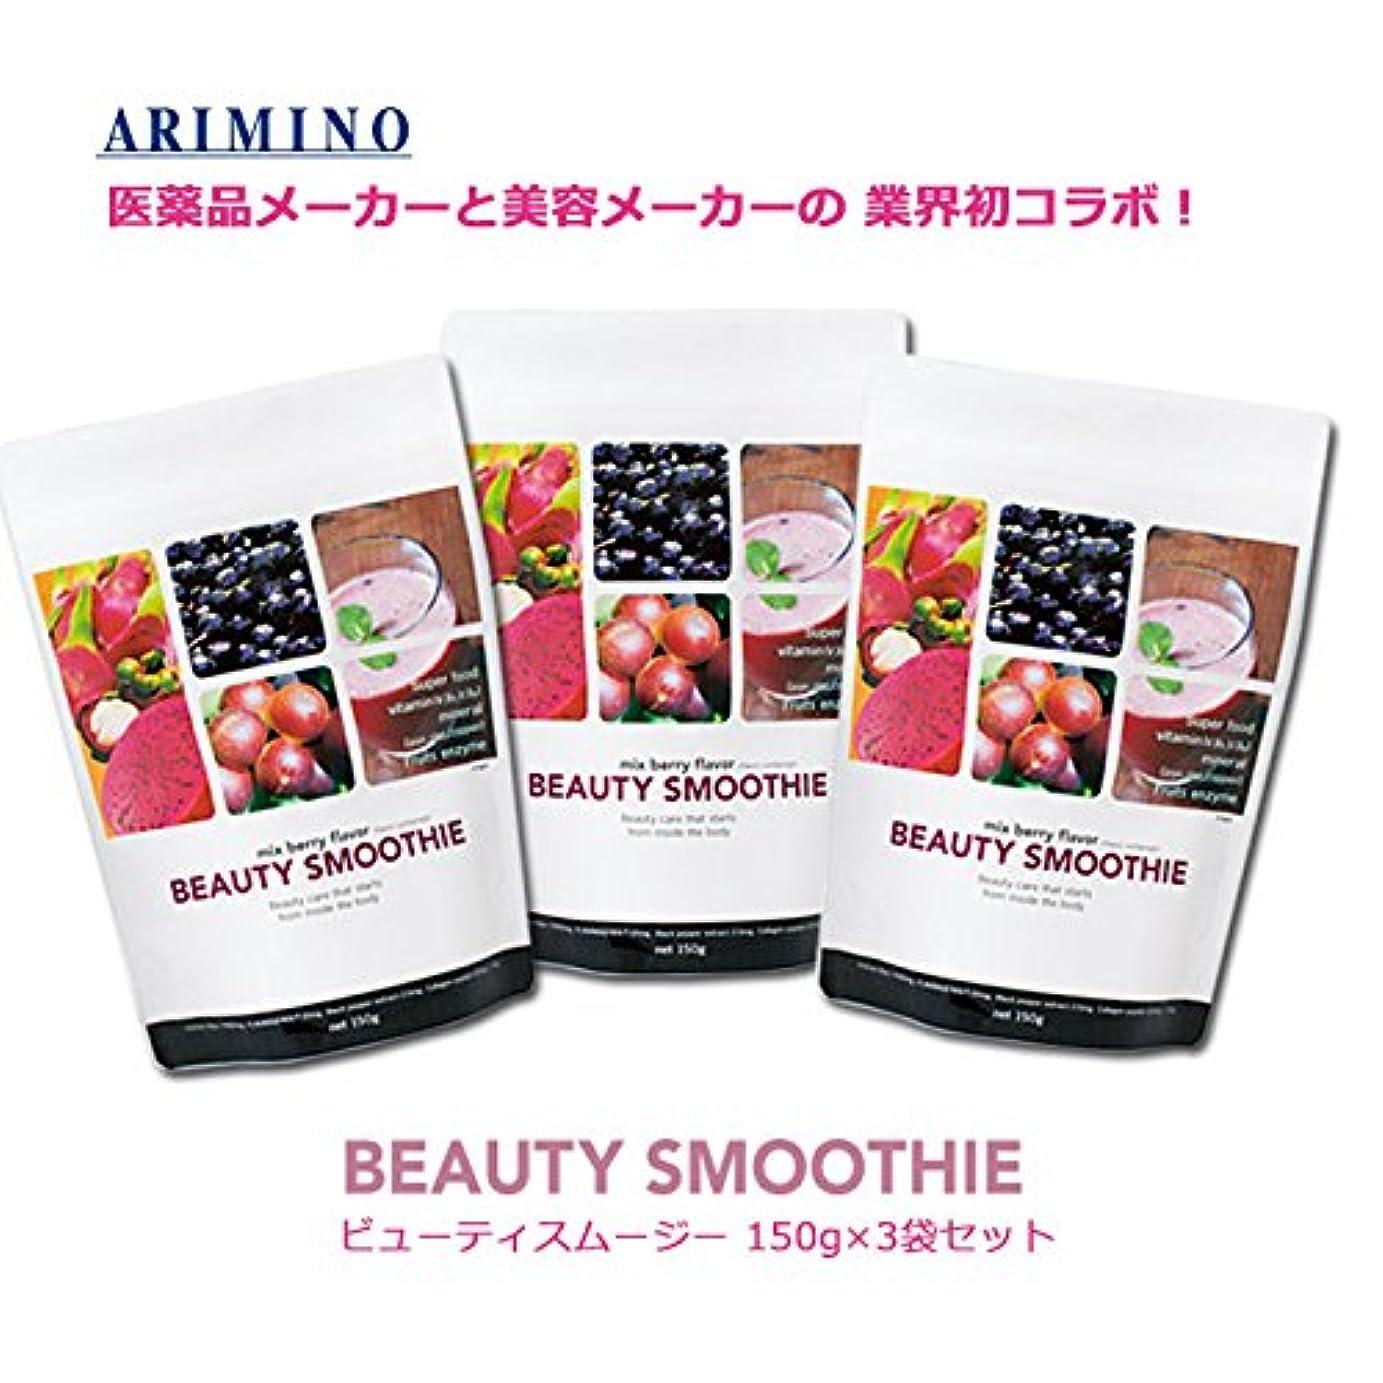 けん引サルベージ倍増【3個セット】 ARIMINO BEAUTY SMOOTHIE アリミノ ビューティスムージー 150g